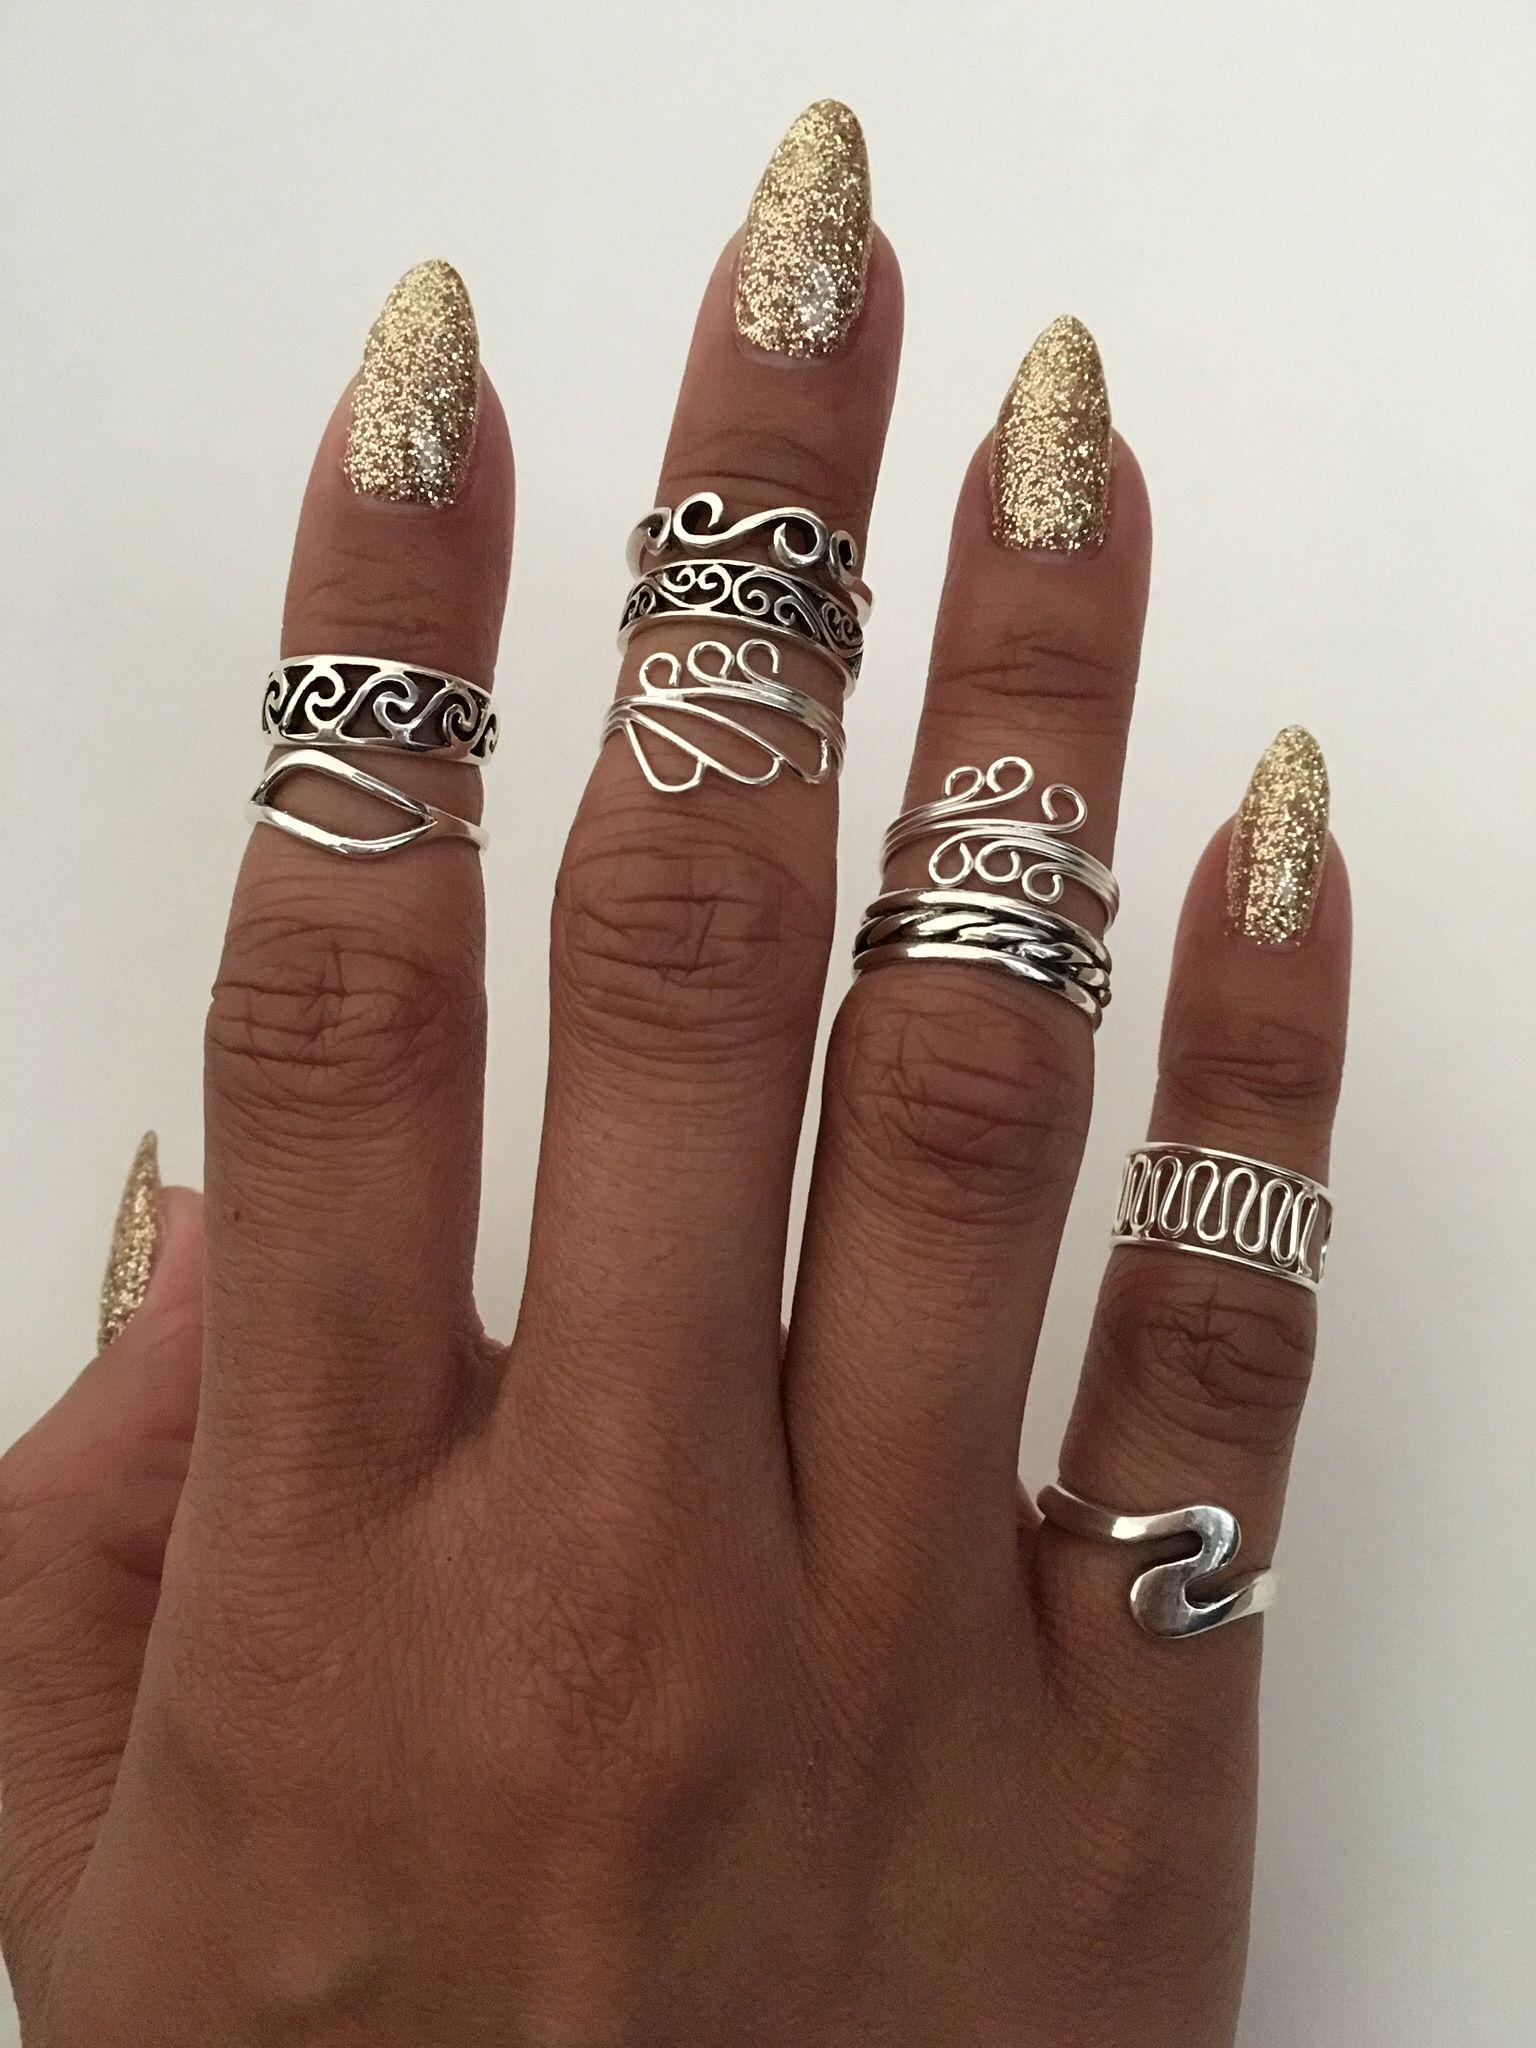 Sterling Silver Swirl Toe Rings Midi Rings Pinky Rings